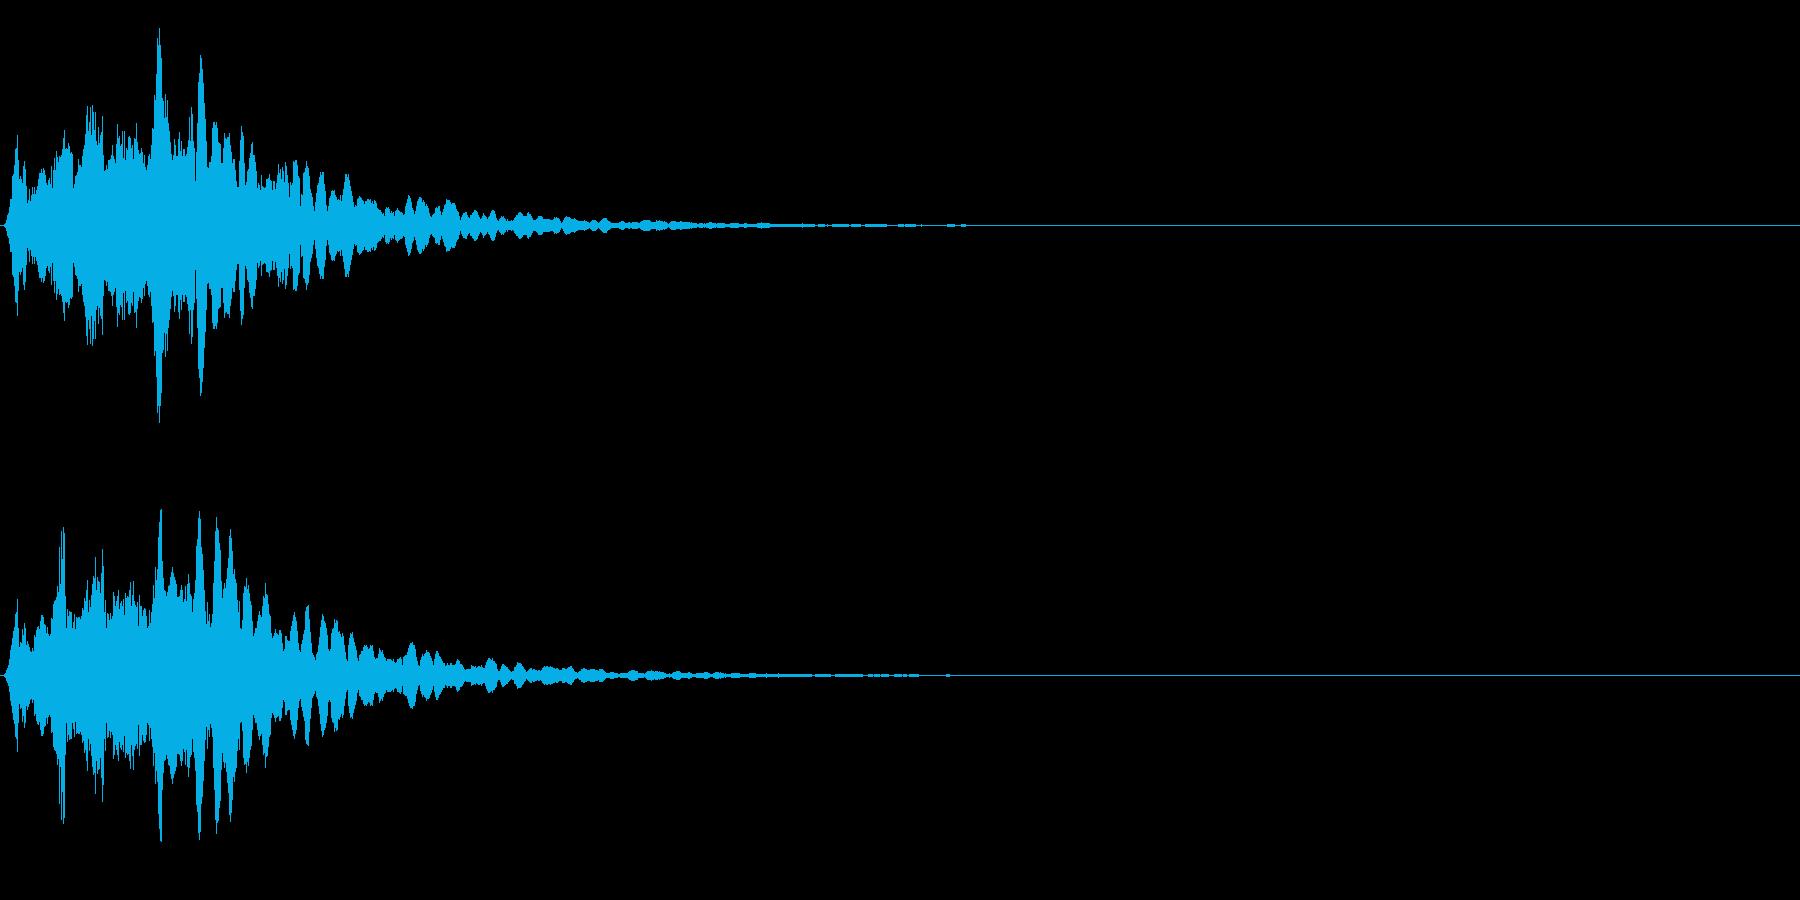 ゲームスタート、決定、ボタン音-010の再生済みの波形